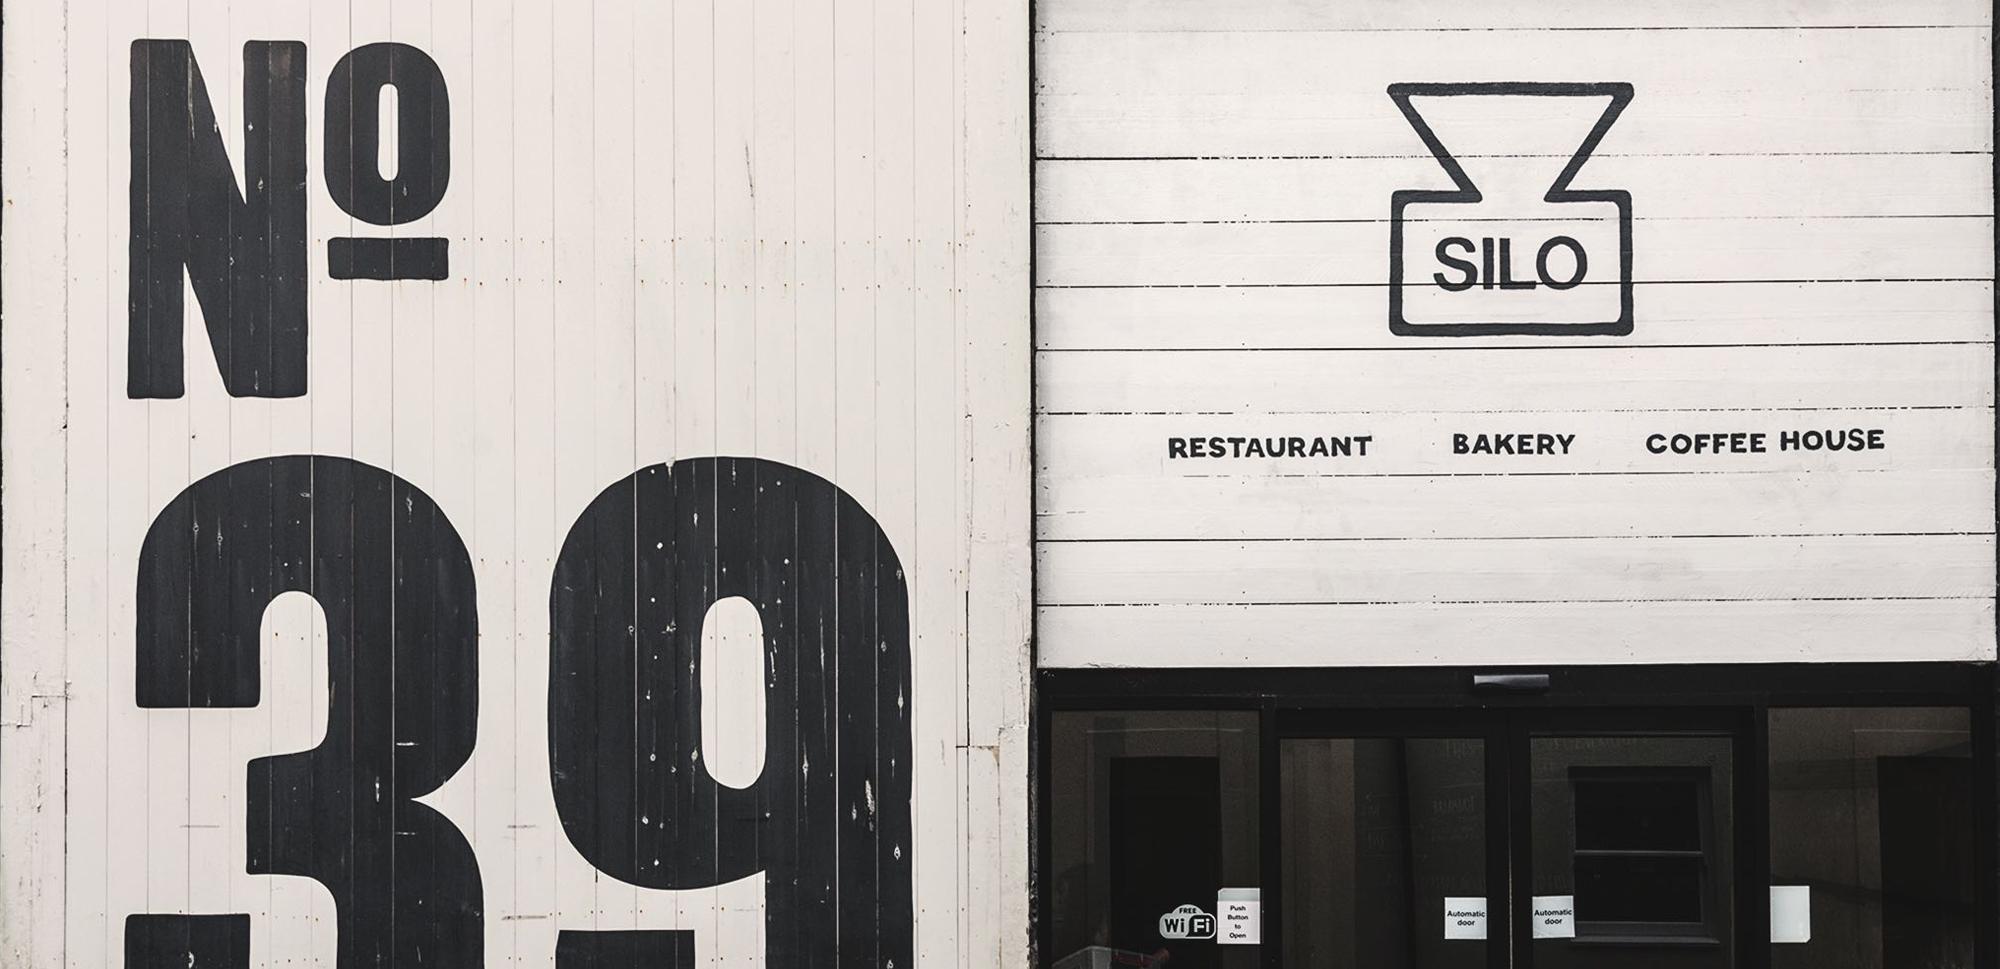 Taste Changers-Silo restaurant front door